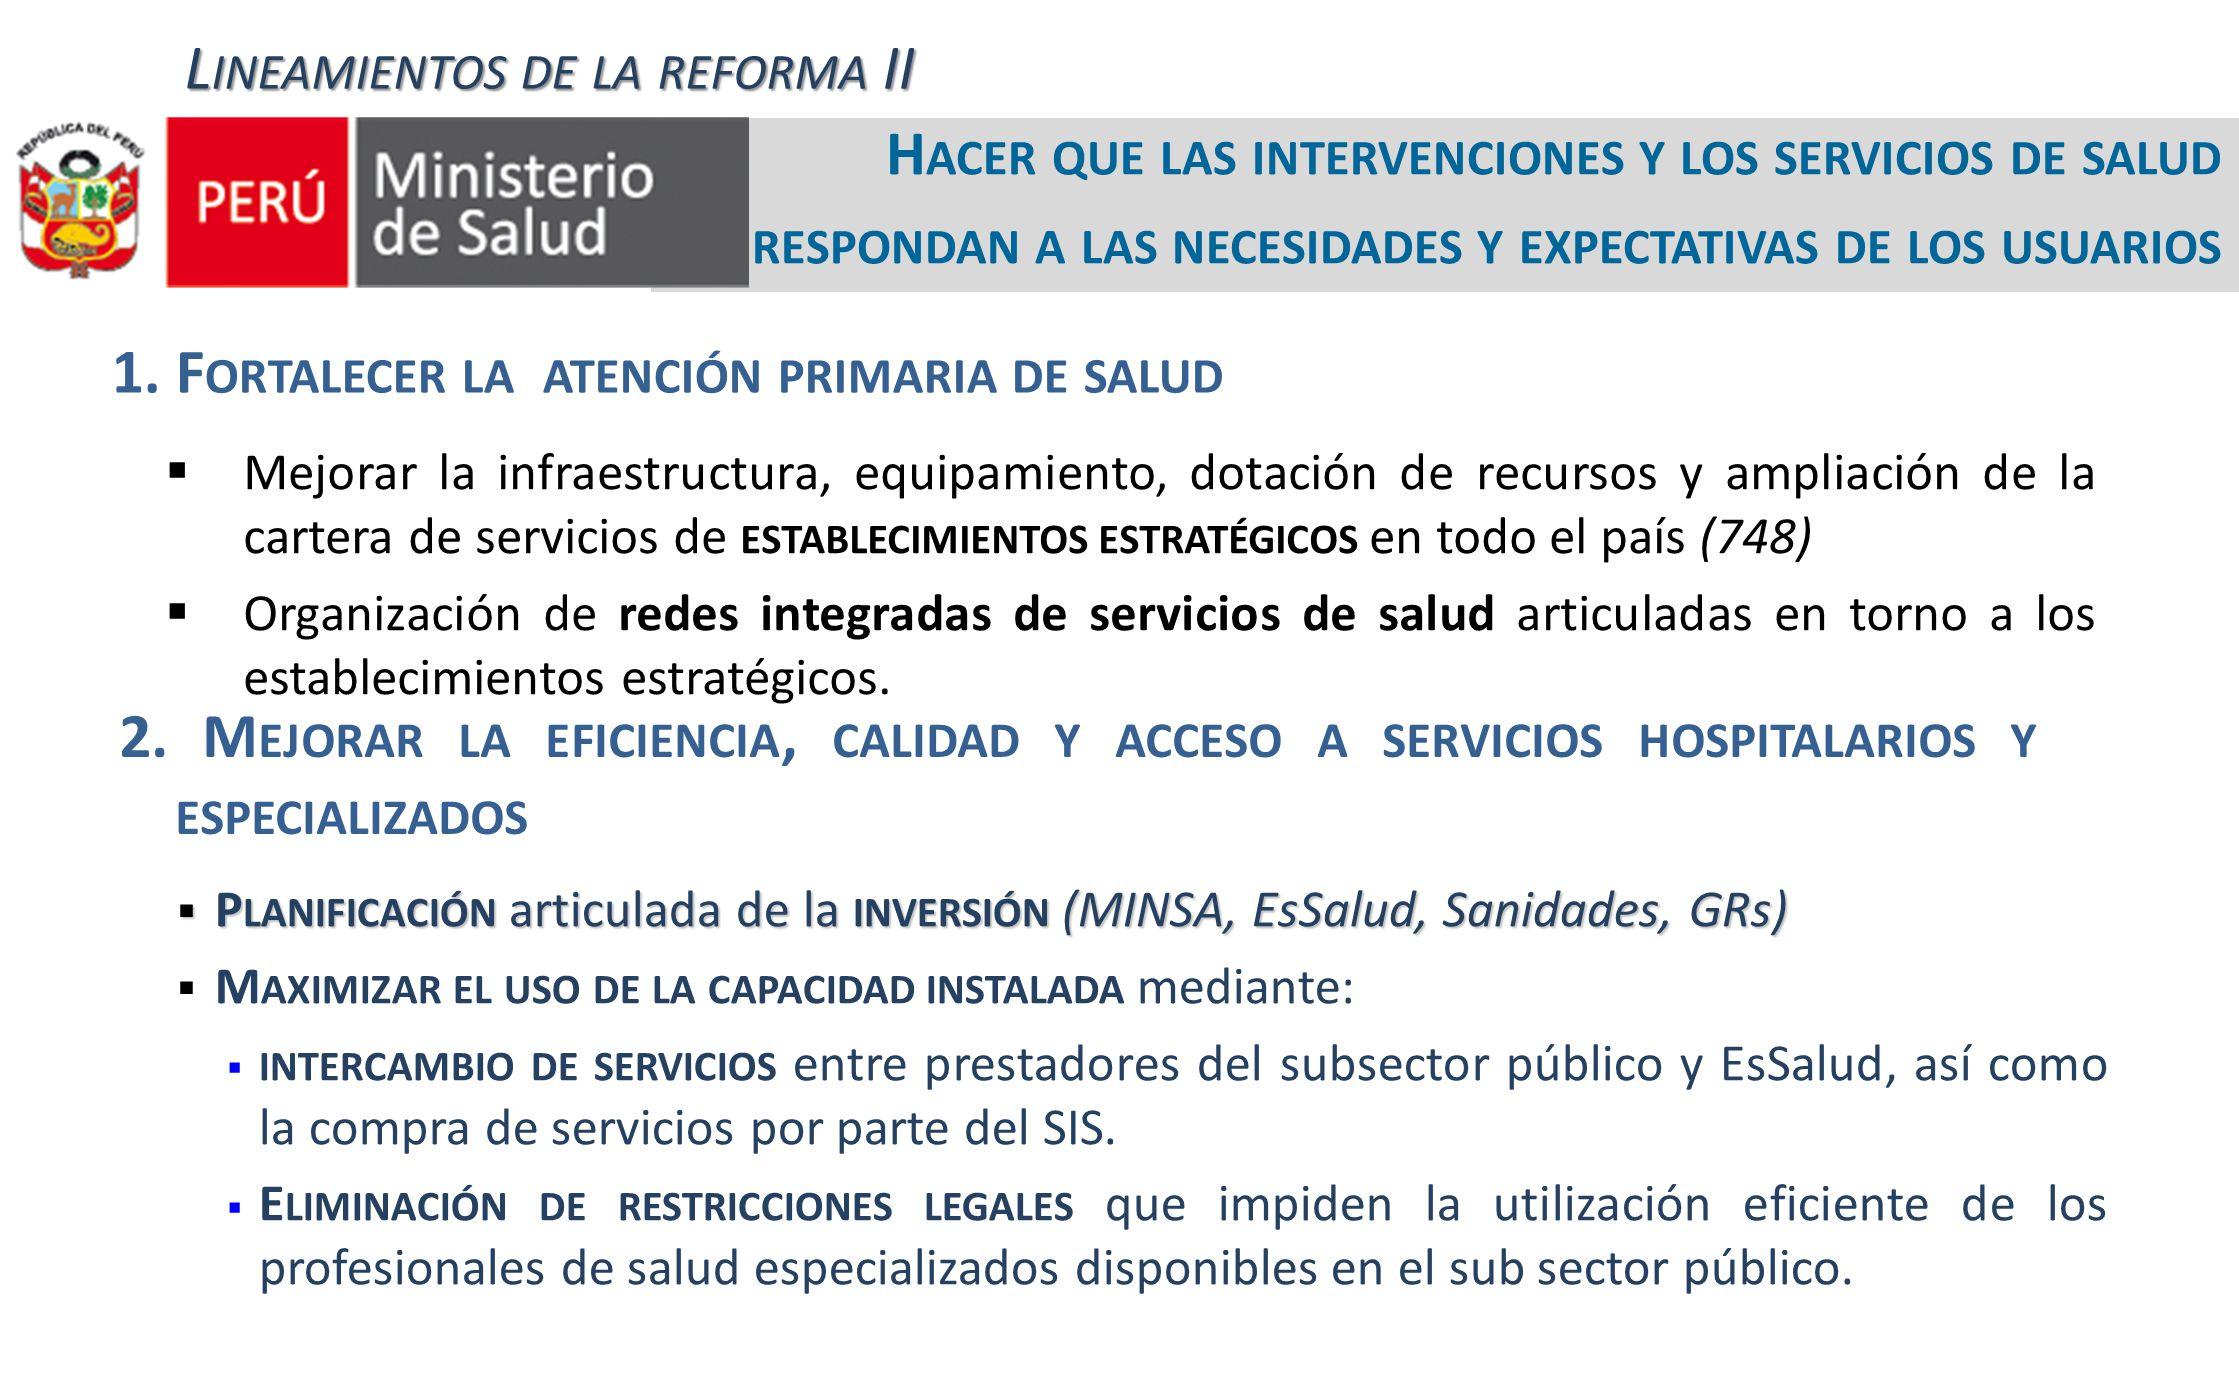 Lineamientos de la reforma II